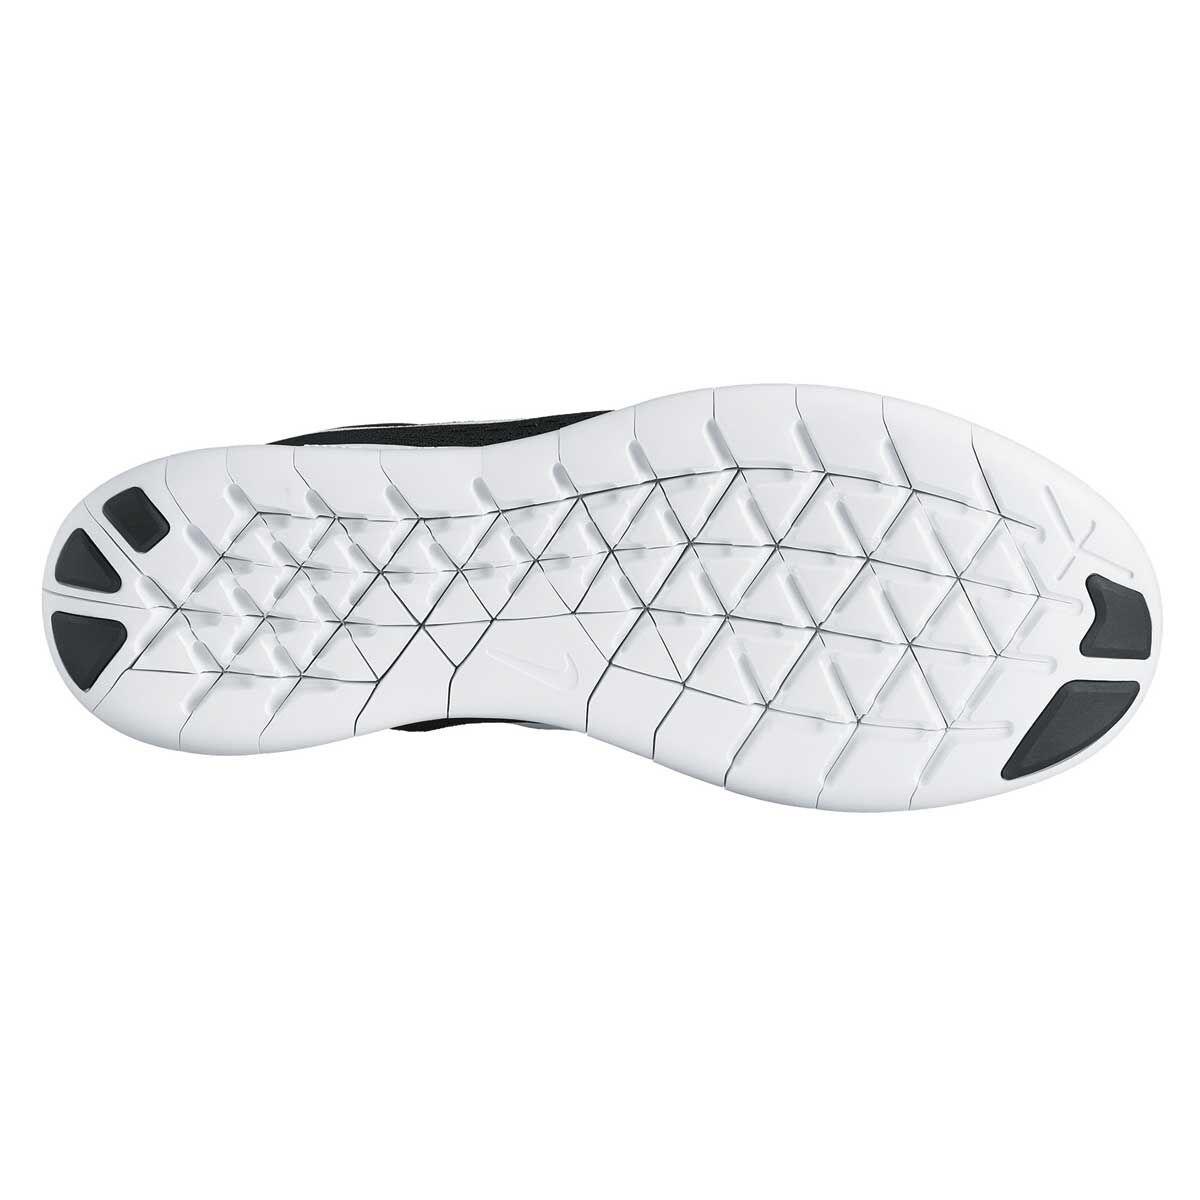 bc8bd470bec6 ... shopping nike free run mens running shoes black white us 7 black white  b6e96 0e239